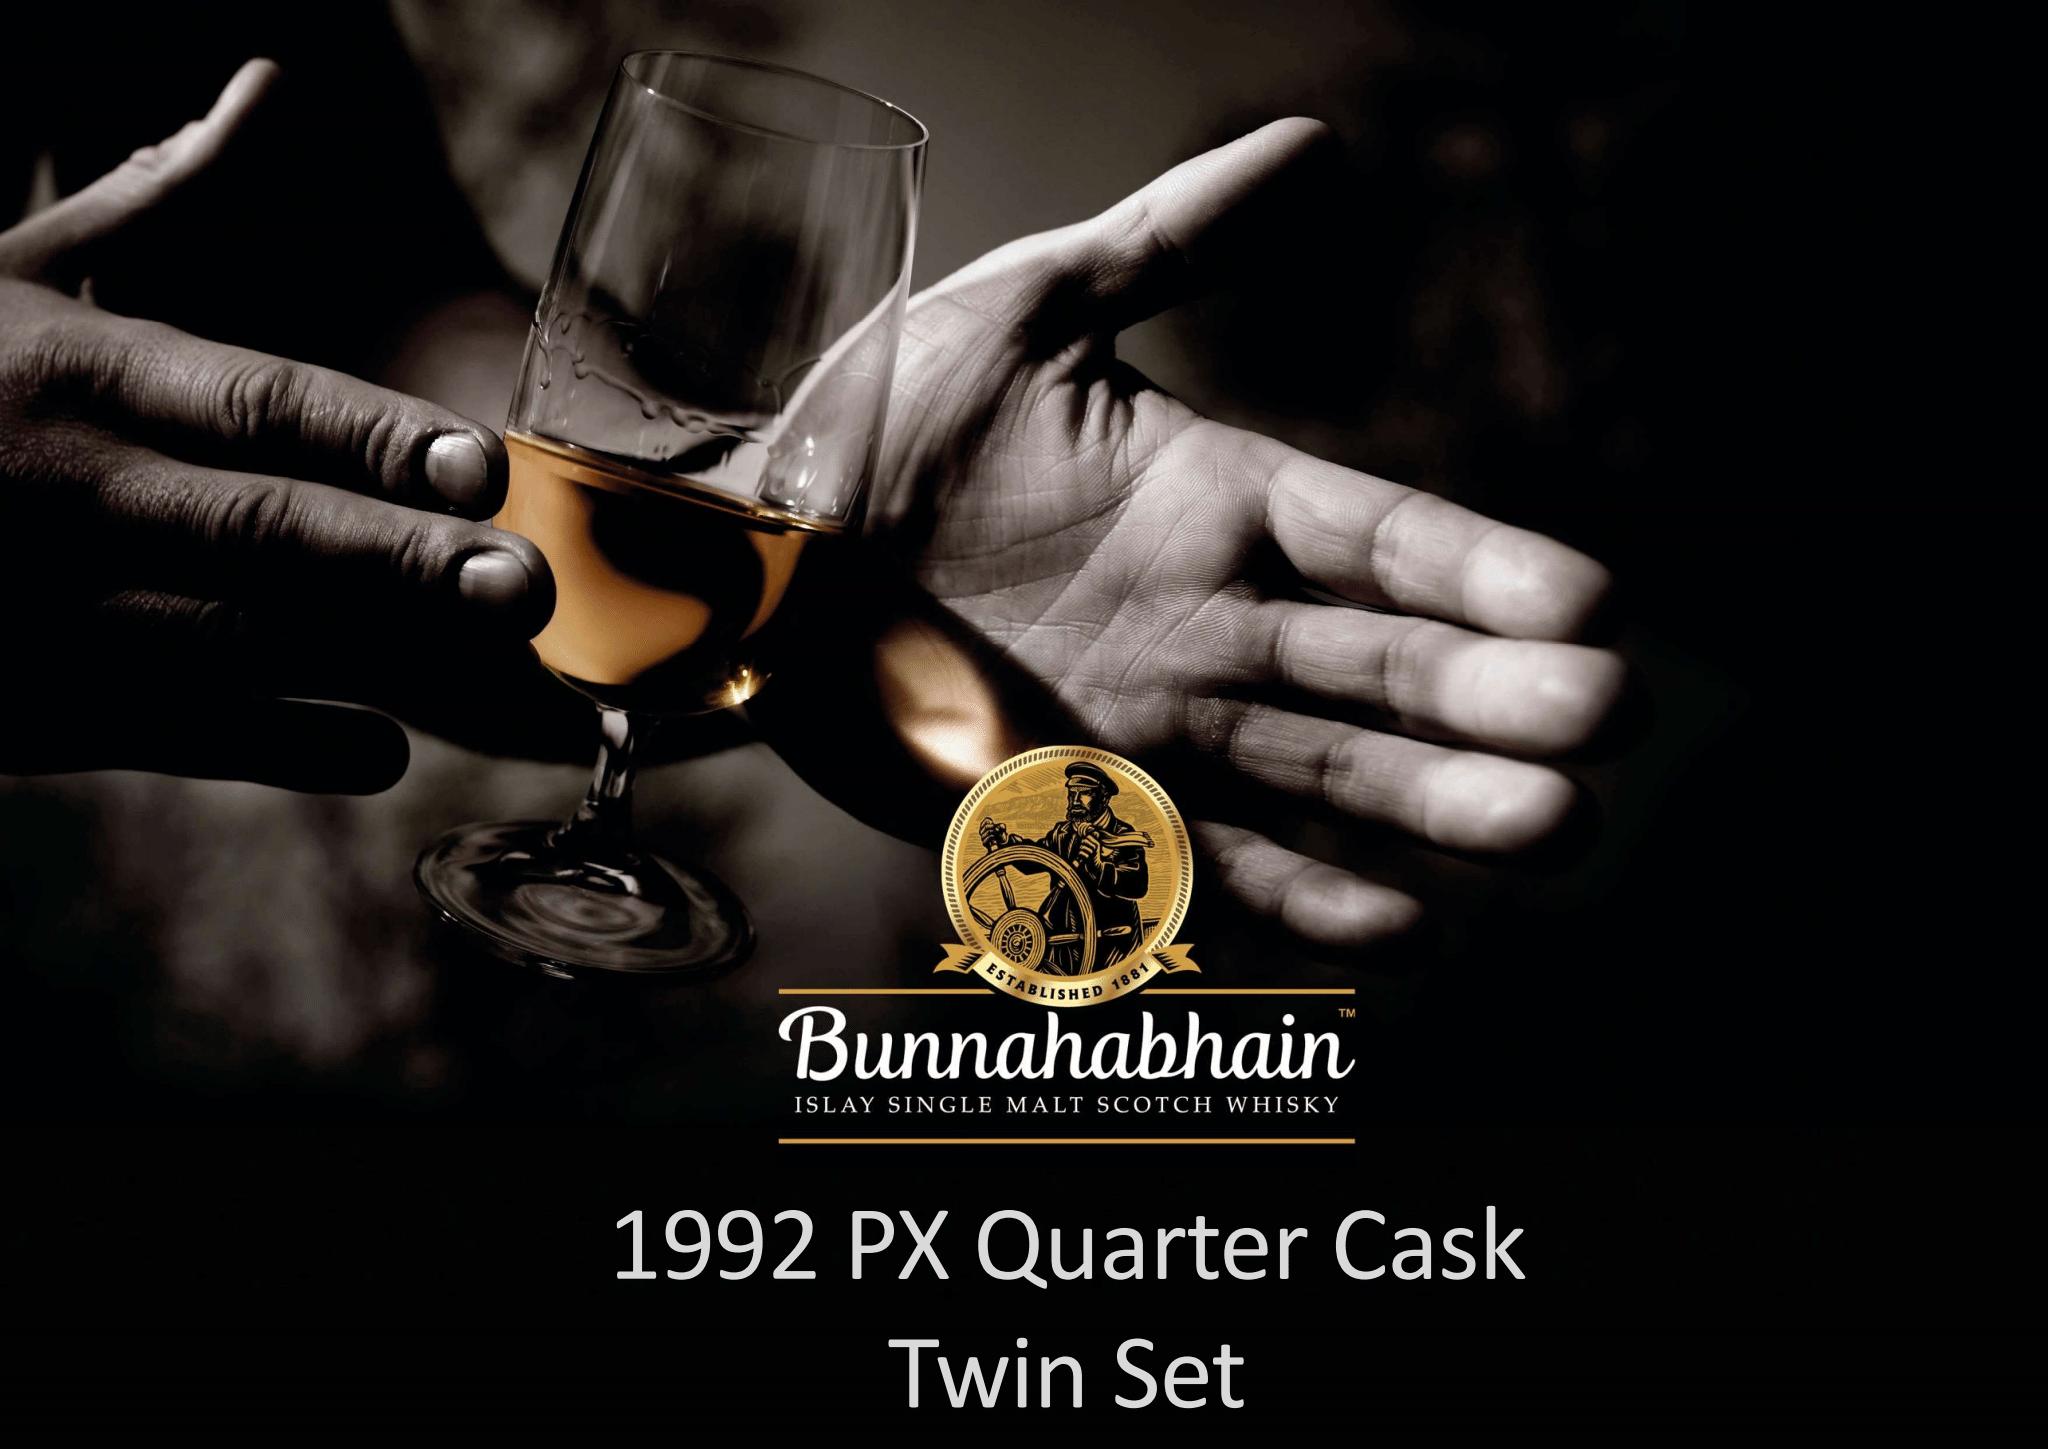 Wertvolle Whisky-Zwillinge von Bunnahabhain aus dem PX Quarter Cask